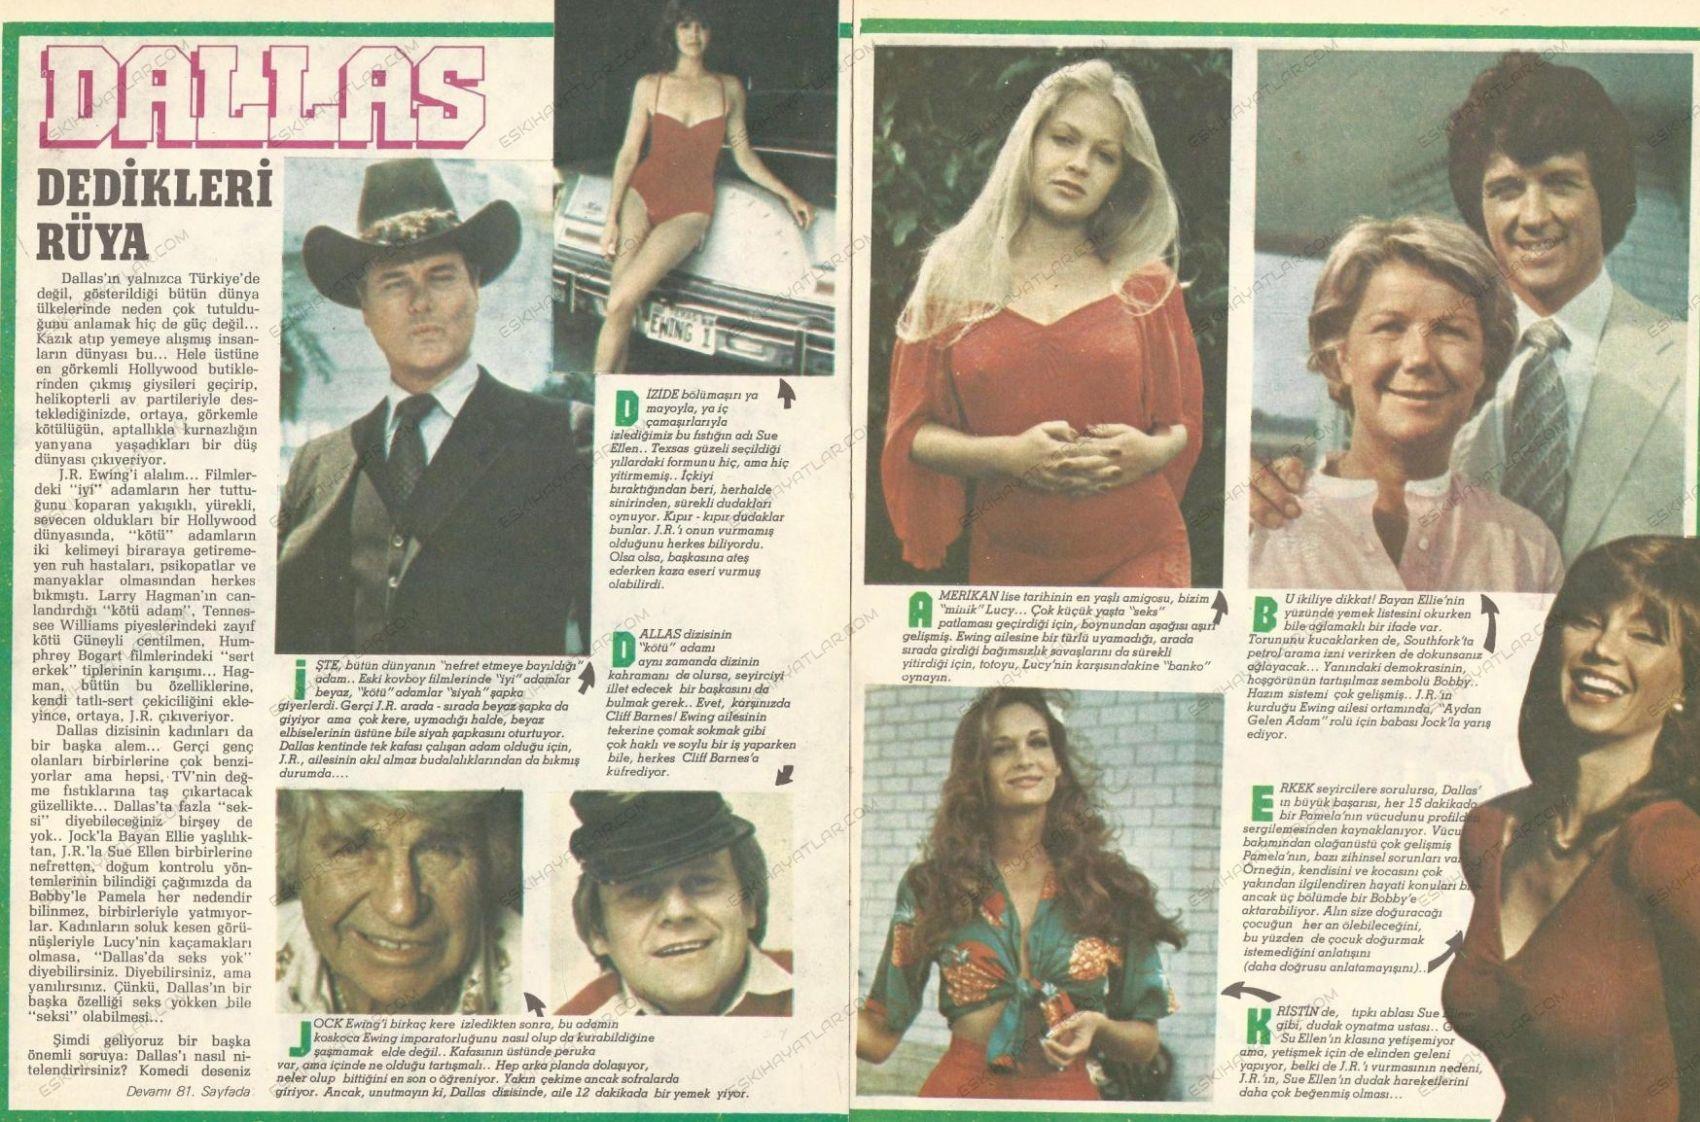 0173-dallas-dizisi-oyunculari-ceyar-lucy-1981-televizyon-programlari